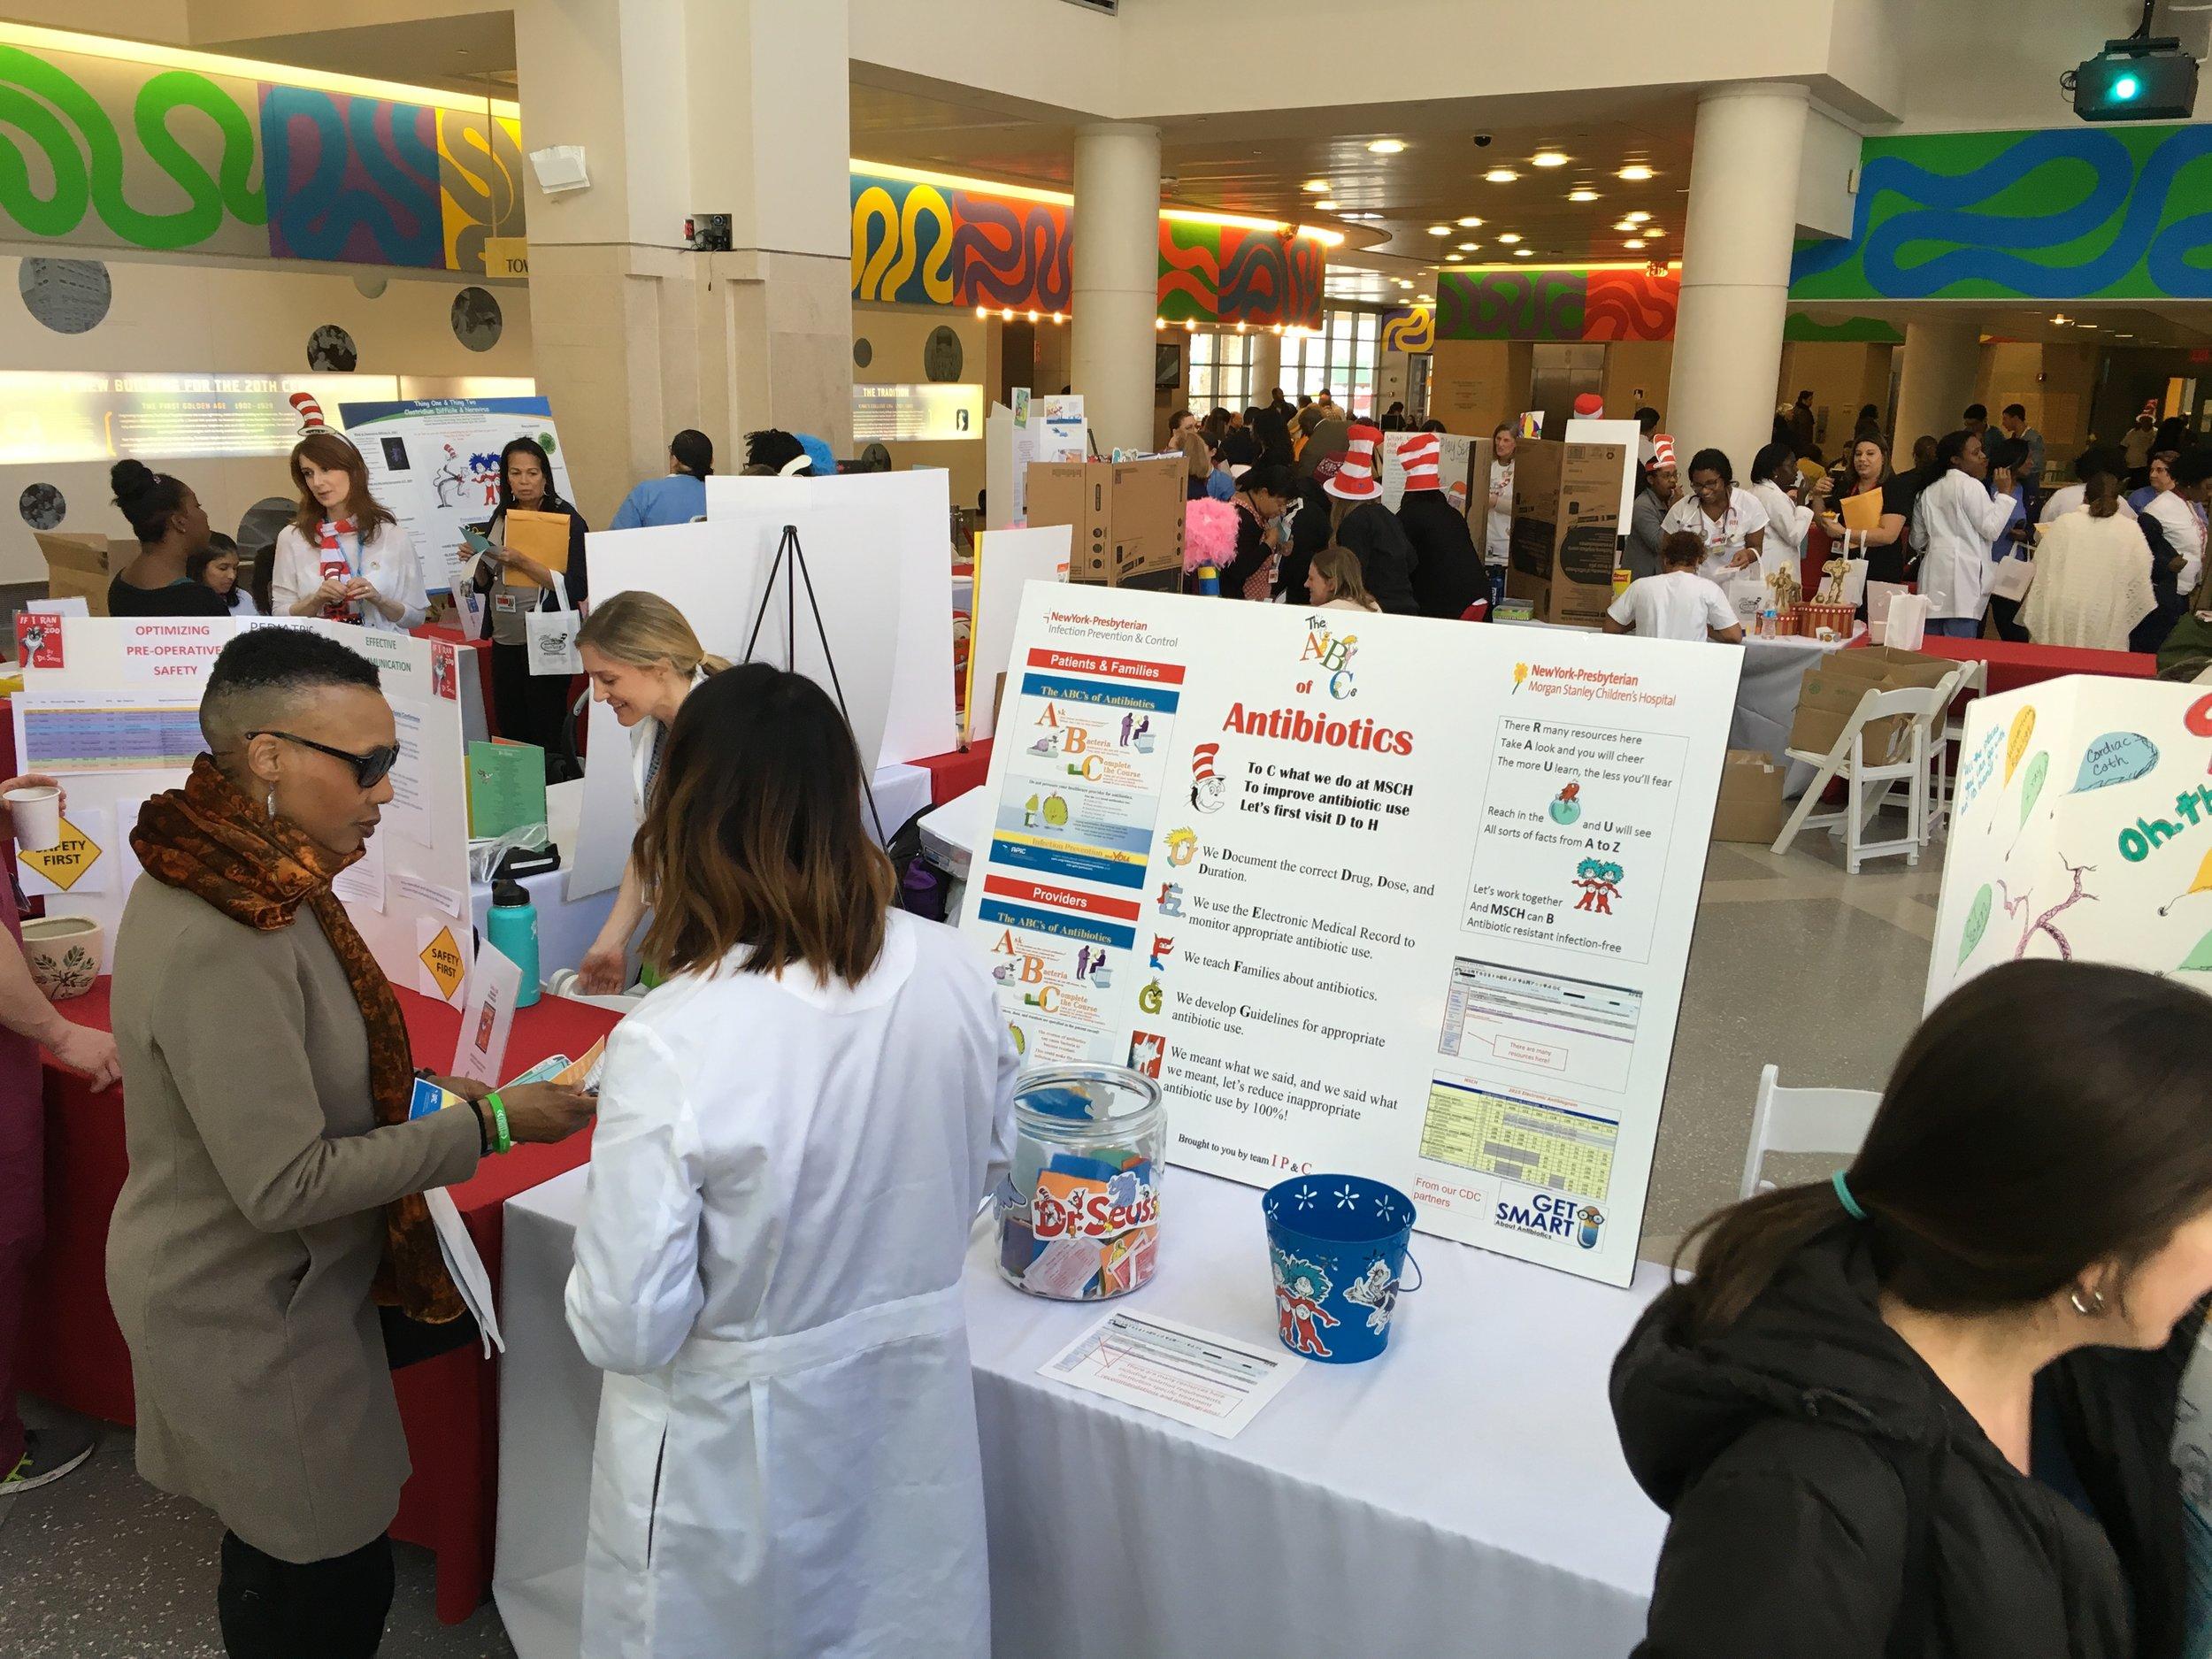 ▲周一在儿童医院大堂举办的患者安全展会。镜头正中是一个介绍抗生素使用的摊位游戏,医生正在与以为病人家长交流。会场内一共有20多个这种摊位,分别介绍不同的患者安全知识。